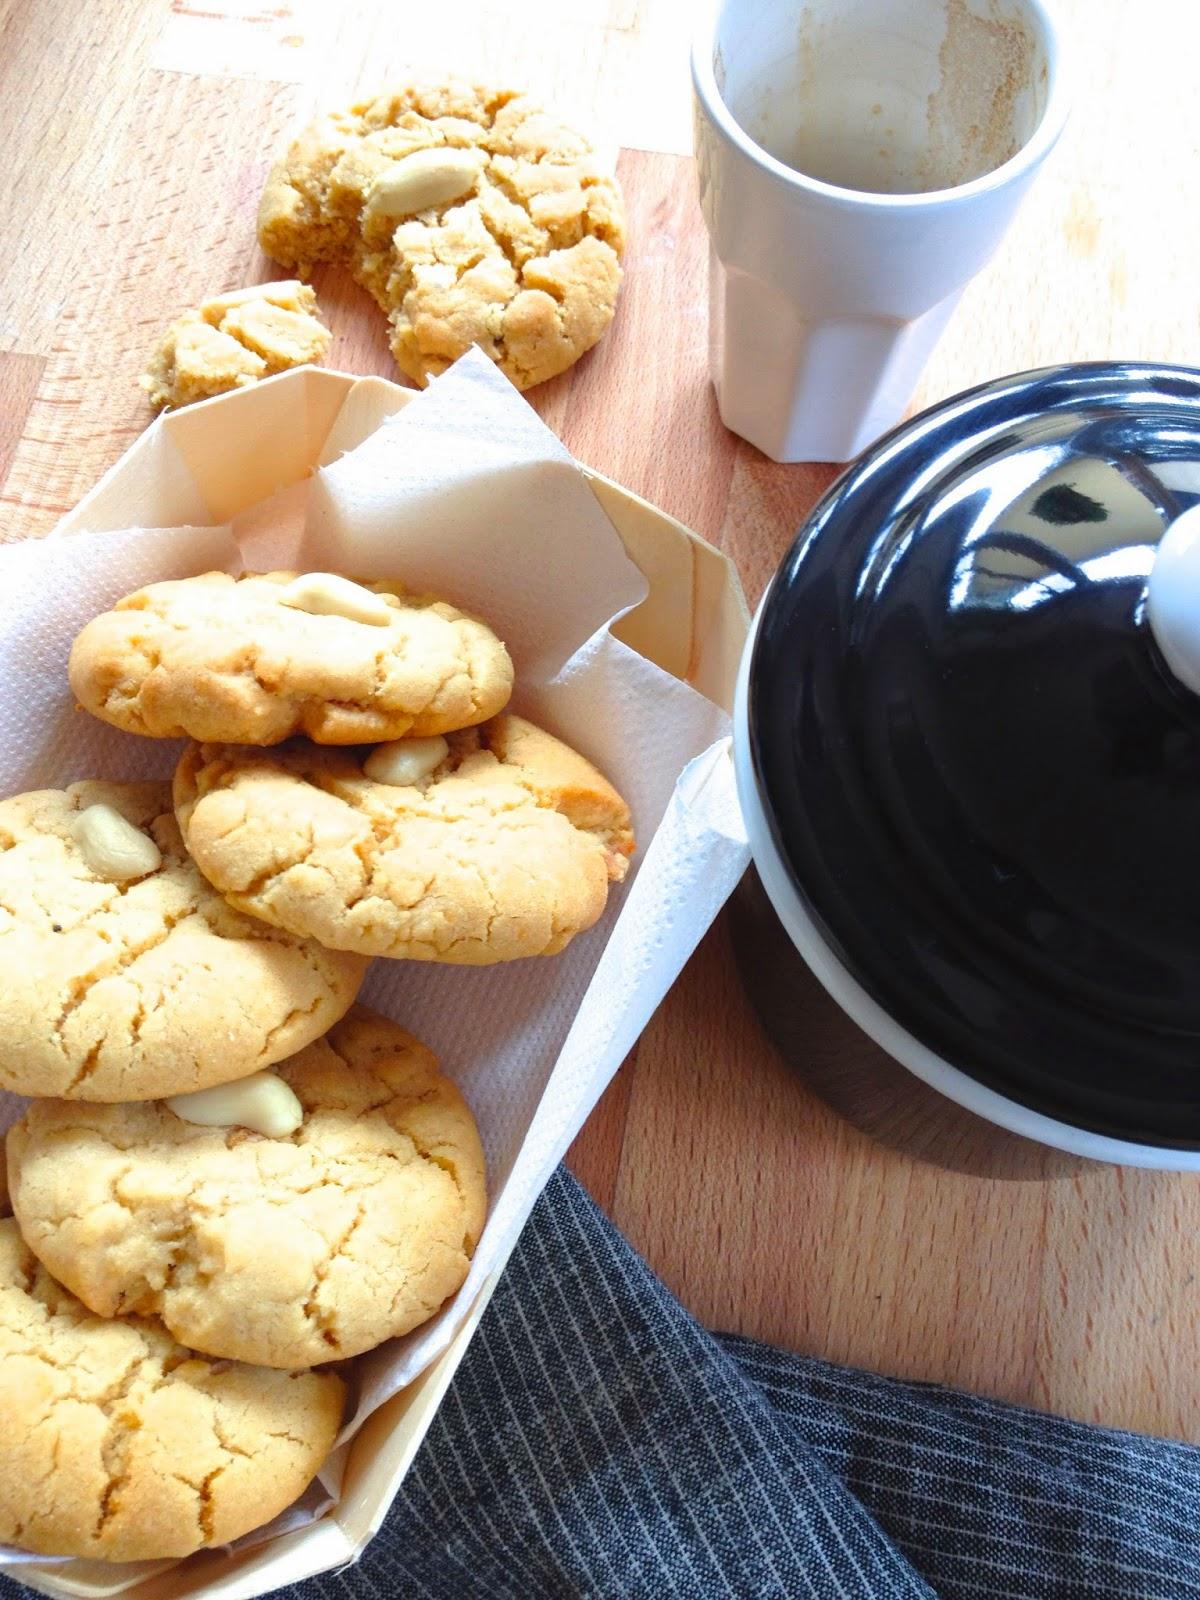 Les gouts changent cookies au beurre de cacahu te - Cookies beurre de cacahuete ...